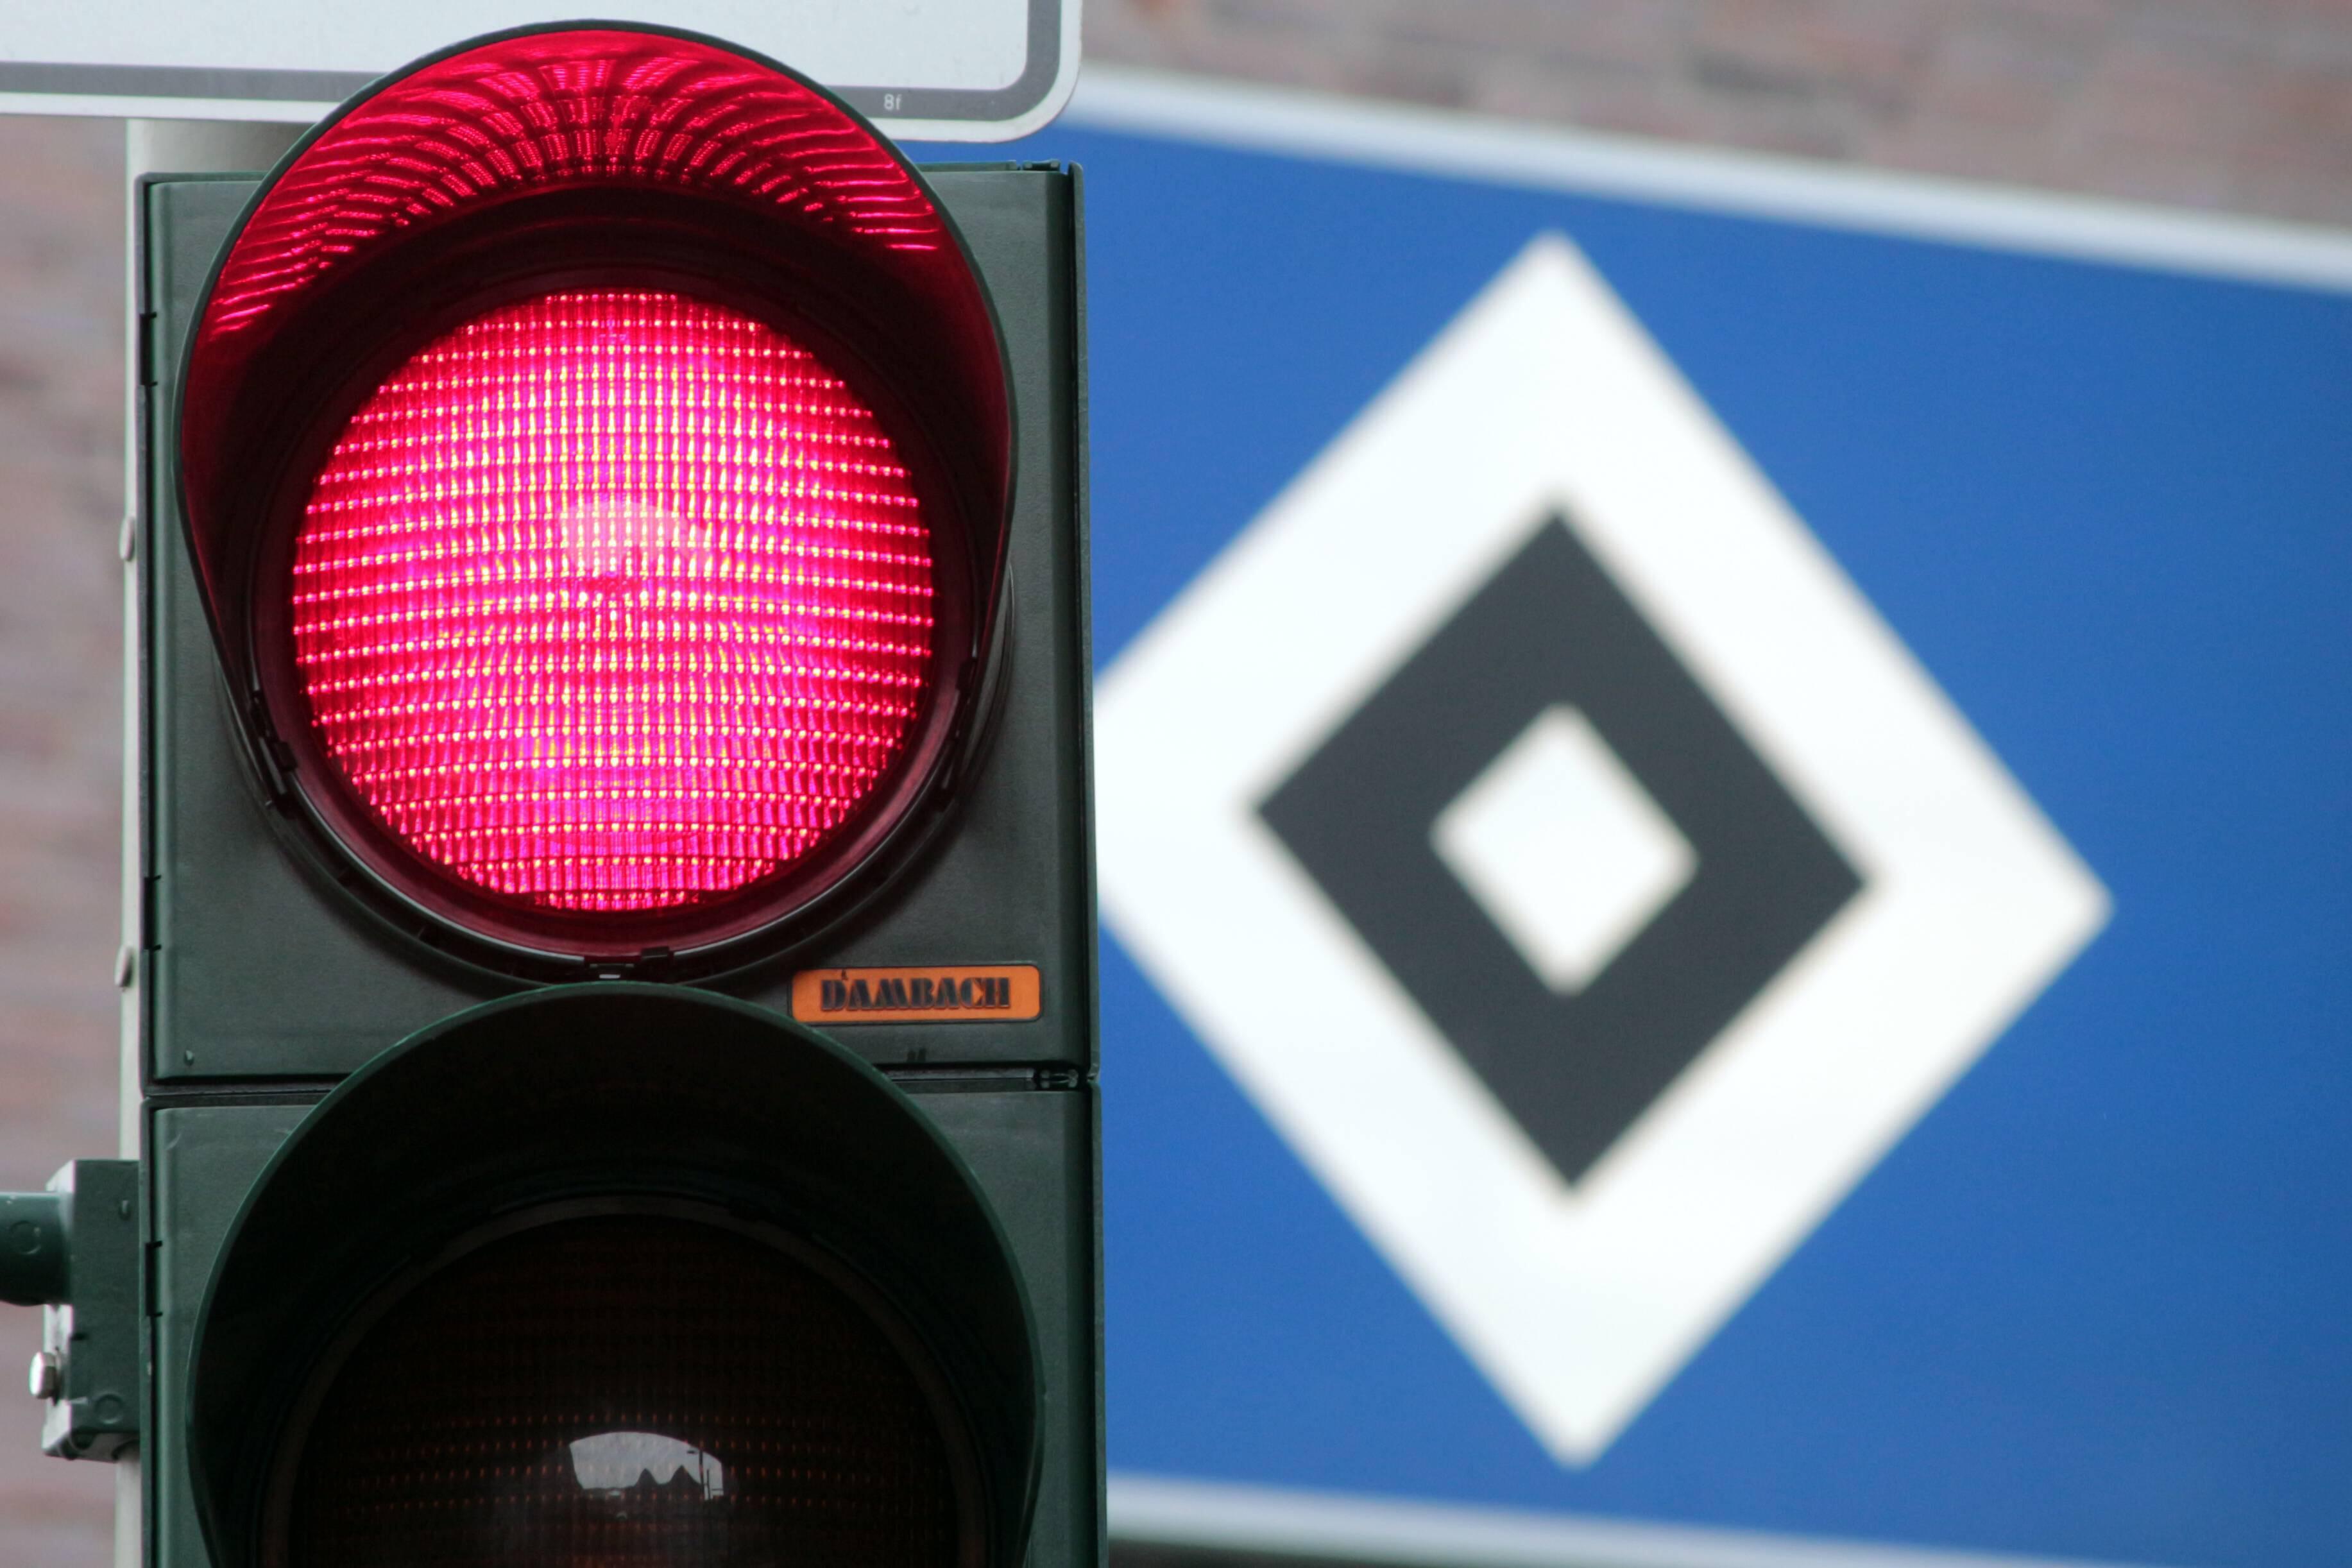 Bild zu Hamburger SV, Bundesliga, HSV, Abstiegskampf